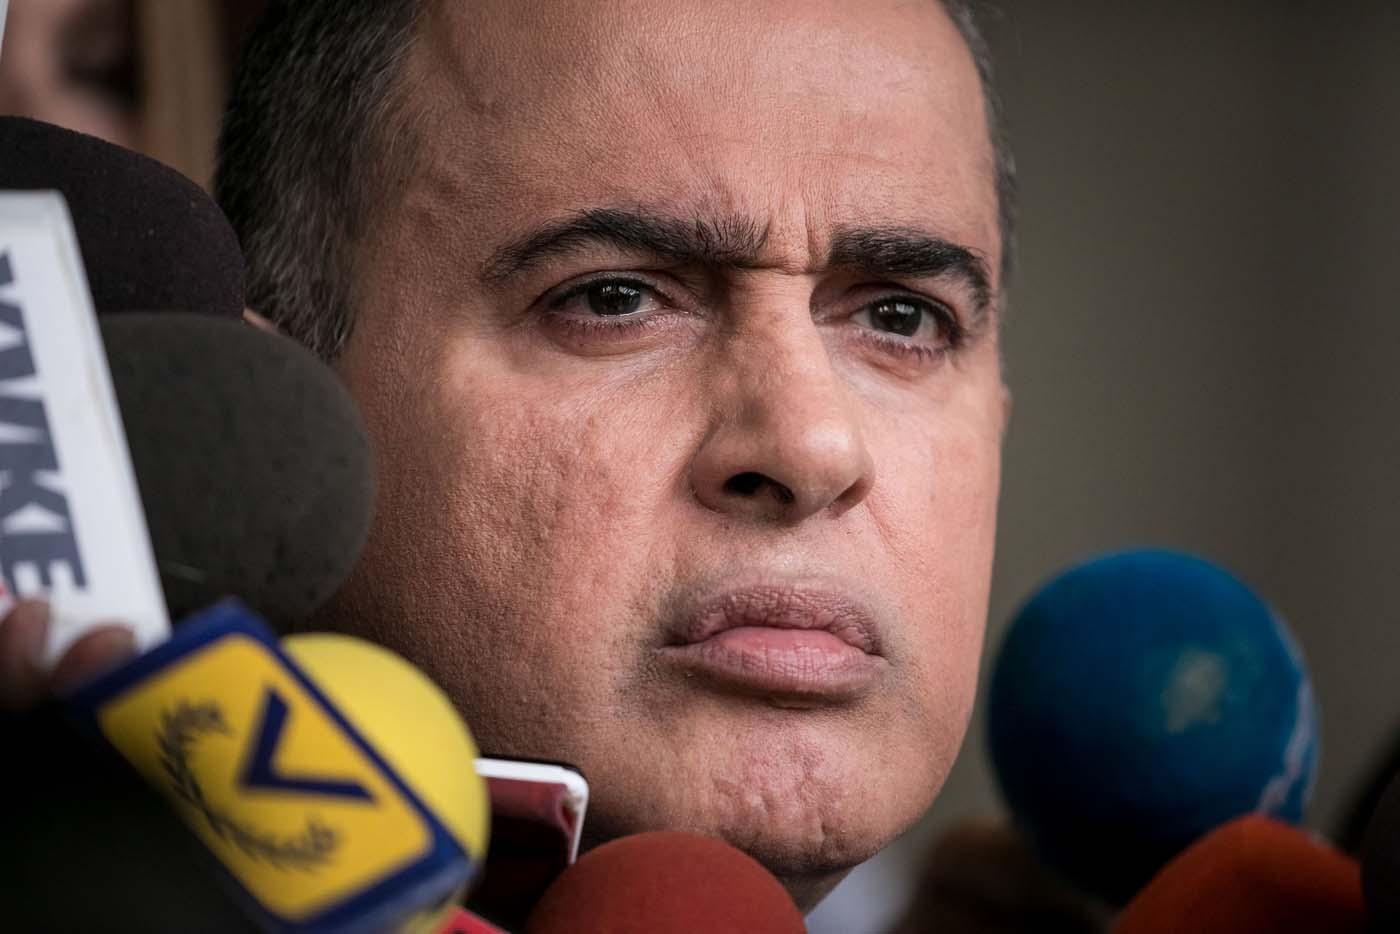 """CAR04. CARACAS (VENEZUELA), 13/06/2017.- El defensor del pueblo de Venezuela, Tarek William Saab, ofrece declaraciones a periodistas hoy, martes 13 de junio de 2017, en Caracas (Venezuela). Saab solicitó hoy al Tribunal Supremo de Justicia (TSJ) aclarar las competencias del organismo que él dirige para participar en las investigaciones que lleva a cabo la Fiscalía por casos de supuestas violaciones de derechos humanos. El defensor consideró que es una """"cualidad inherente"""" de la Defensoría del Pueblo """"investigar las violaciones de derechos humanos"""" y aseguró que ha habido """"una interpretación libre"""" de la Constitución por parte del Ministerio Público que, en ocasiones, ha impedido la participación de la institución en algunos casos. EFE/Miguel Gutiérrez"""